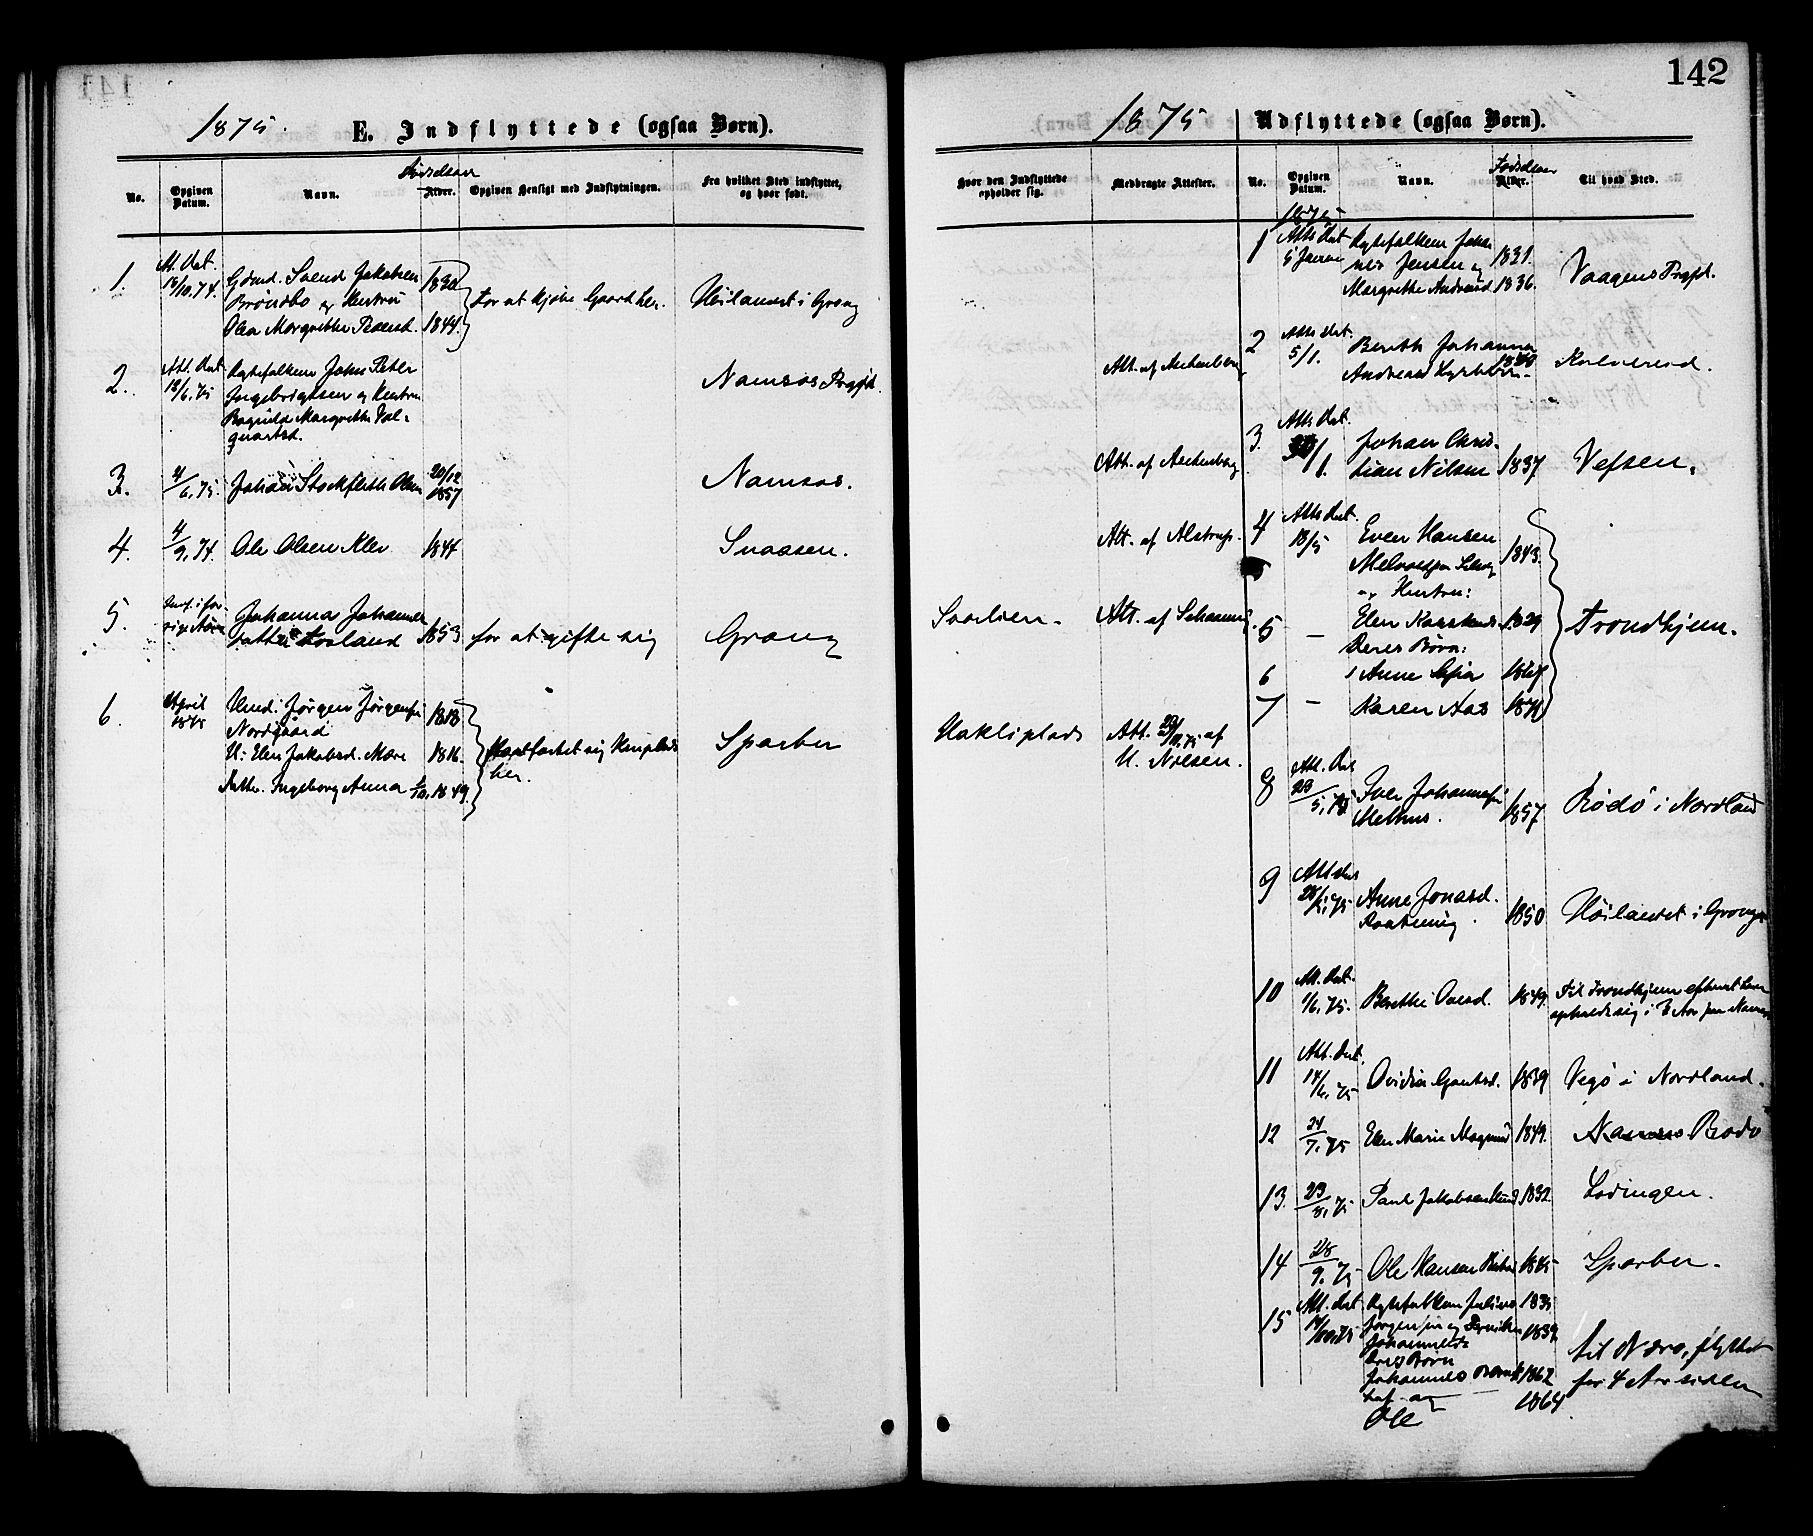 SAT, Ministerialprotokoller, klokkerbøker og fødselsregistre - Nord-Trøndelag, 764/L0554: Ministerialbok nr. 764A09, 1867-1880, s. 142